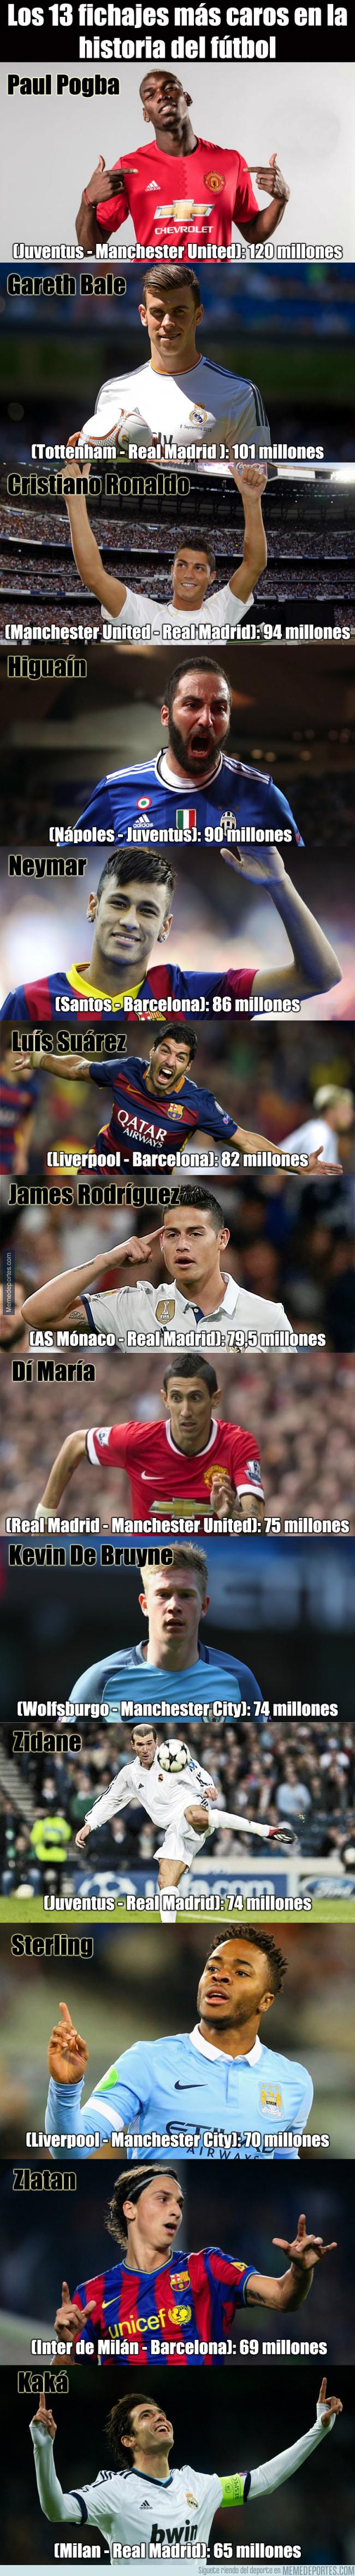 983208 - Los 13 fichajes más caros en la historia del fútbol